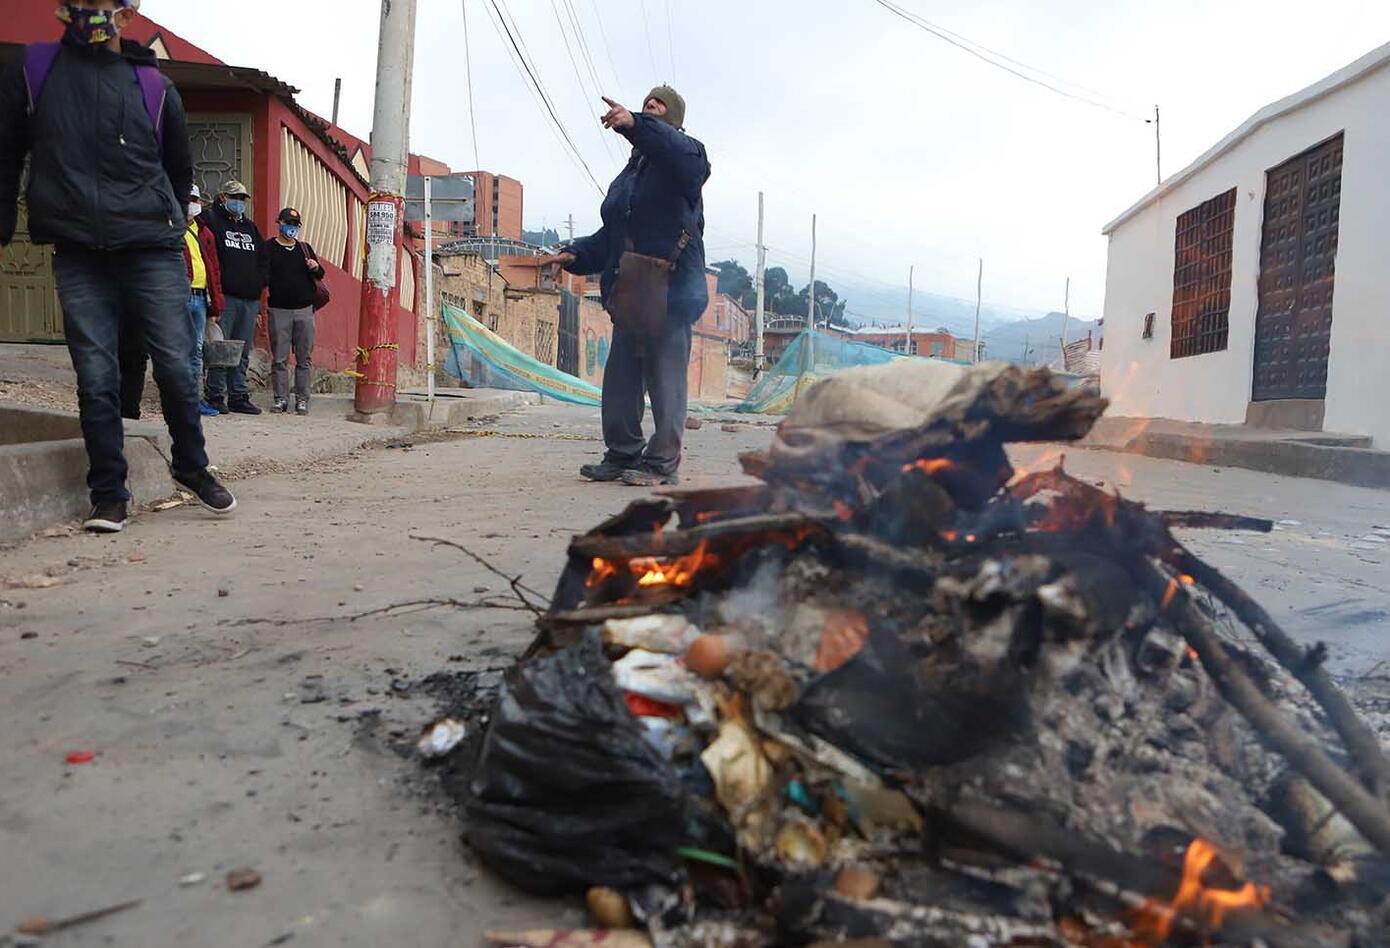 Se han presentado bloqueos de vías de acceso a barrios como Villa Anita, Santa Librada, Yomasa y Arborizadora.